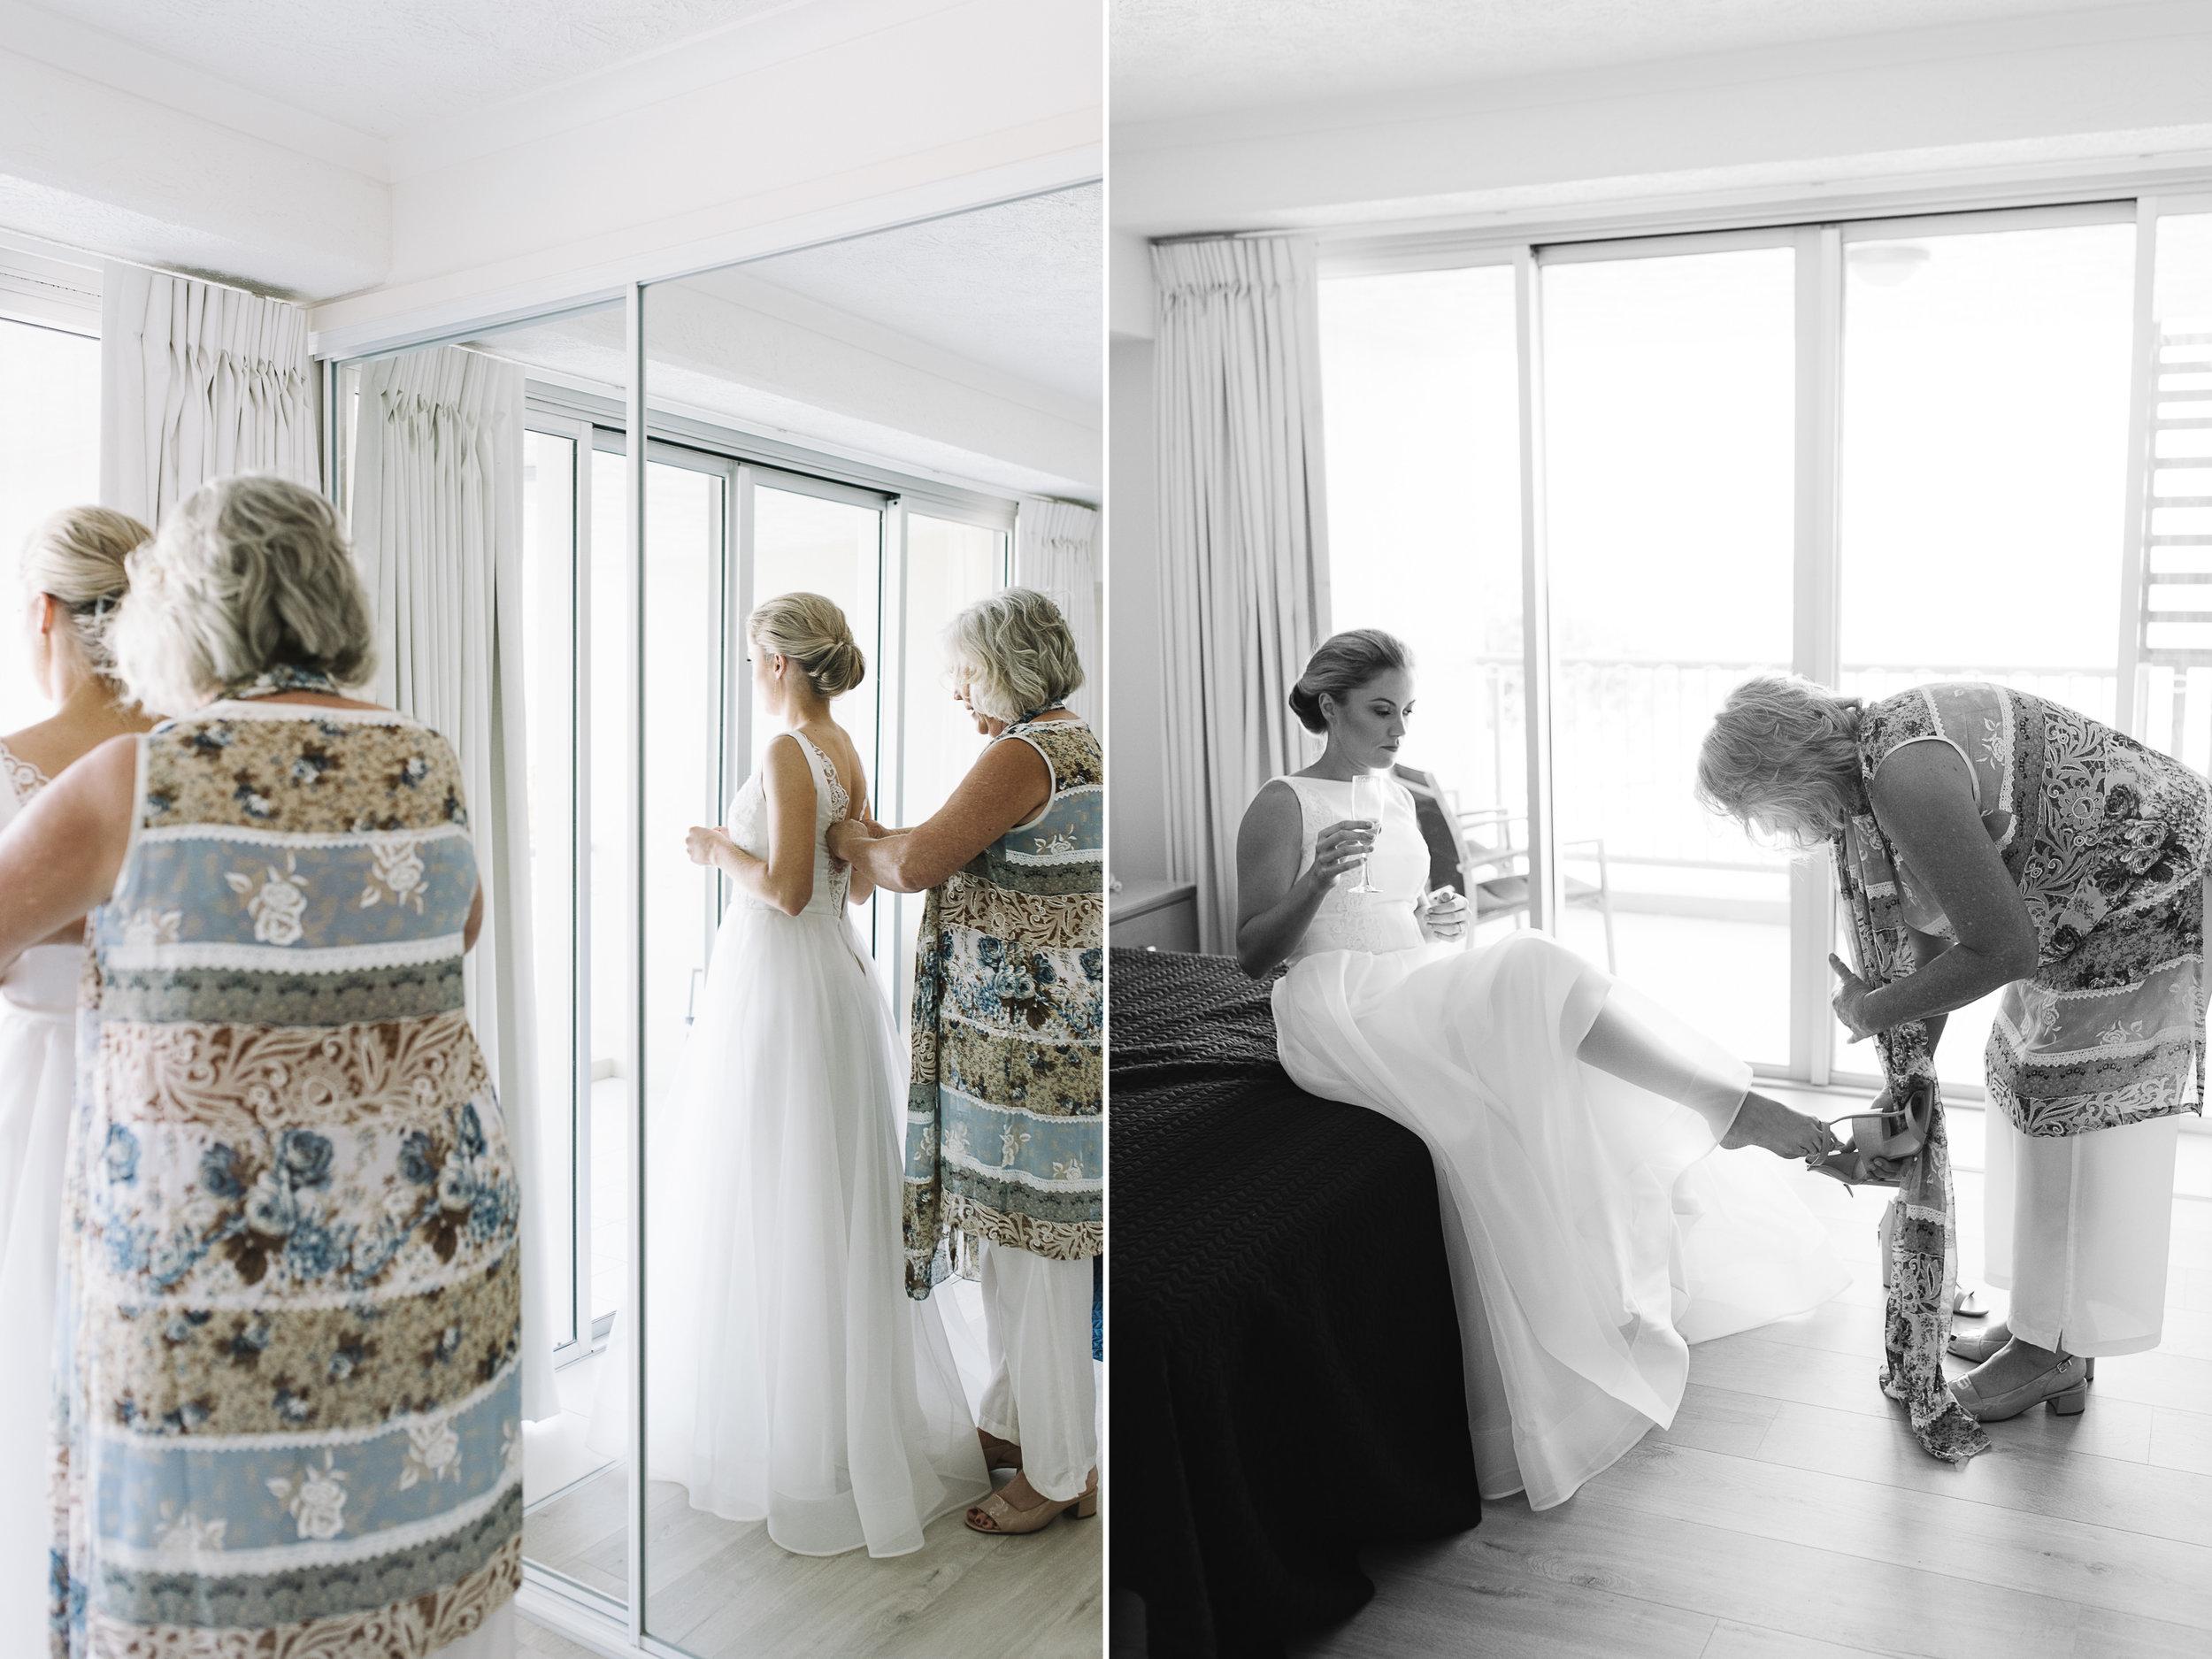 wedding-photography-brisbane-sandstone-point-hotel-bribie-island-9.jpg